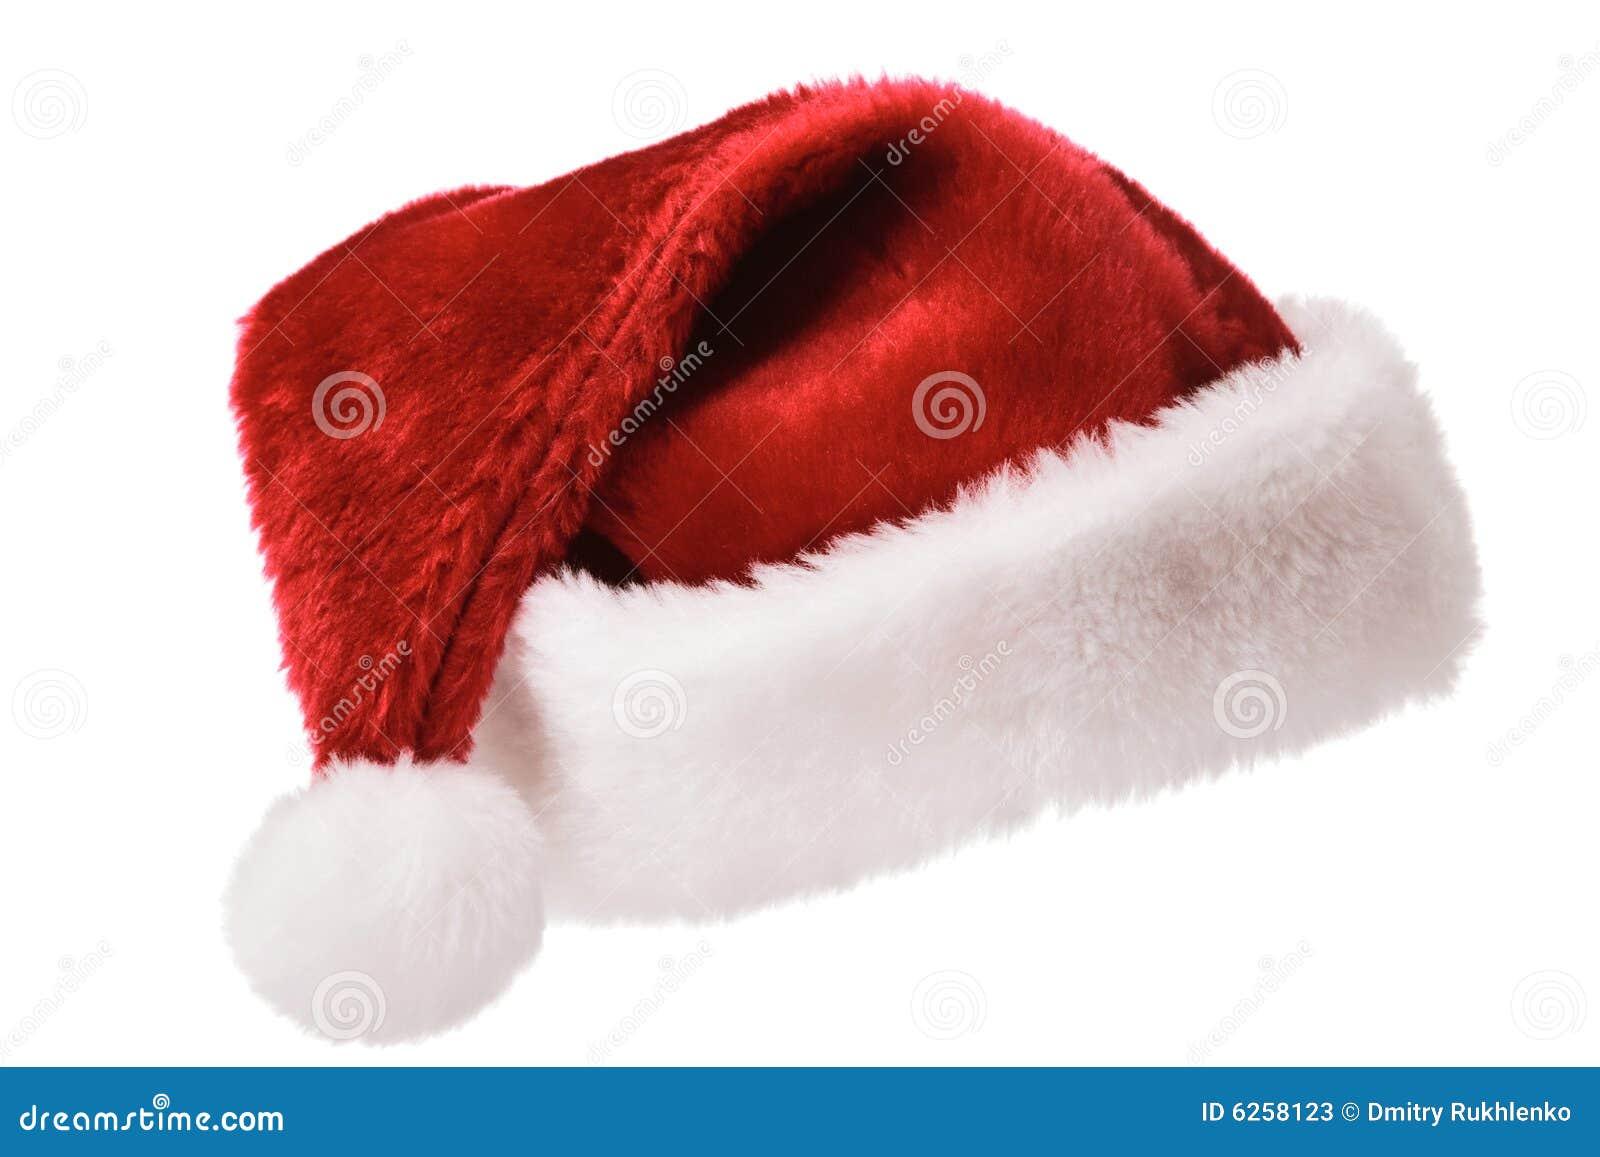 santa hat isolated on white stock image image of white